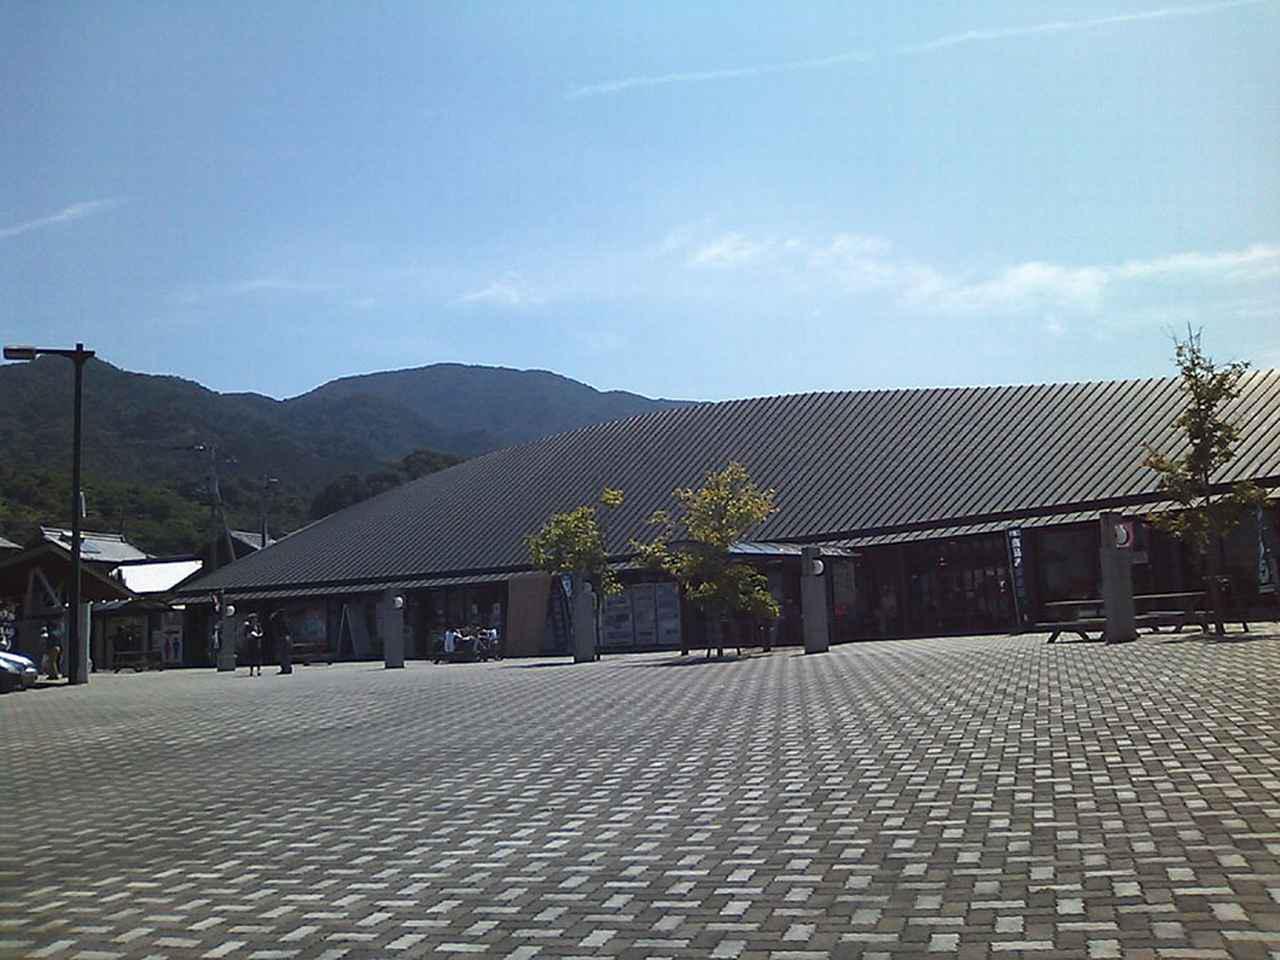 画像: 道の駅 たからだの里さいた(香川⑭) 仮眠環境 △ 施設のあちこちが傷んでおり、トイレも清潔感があまりない。しかし、裏手に大きな公園が隣接し、その奥には温泉もあるのはよい。写真/Dokudam